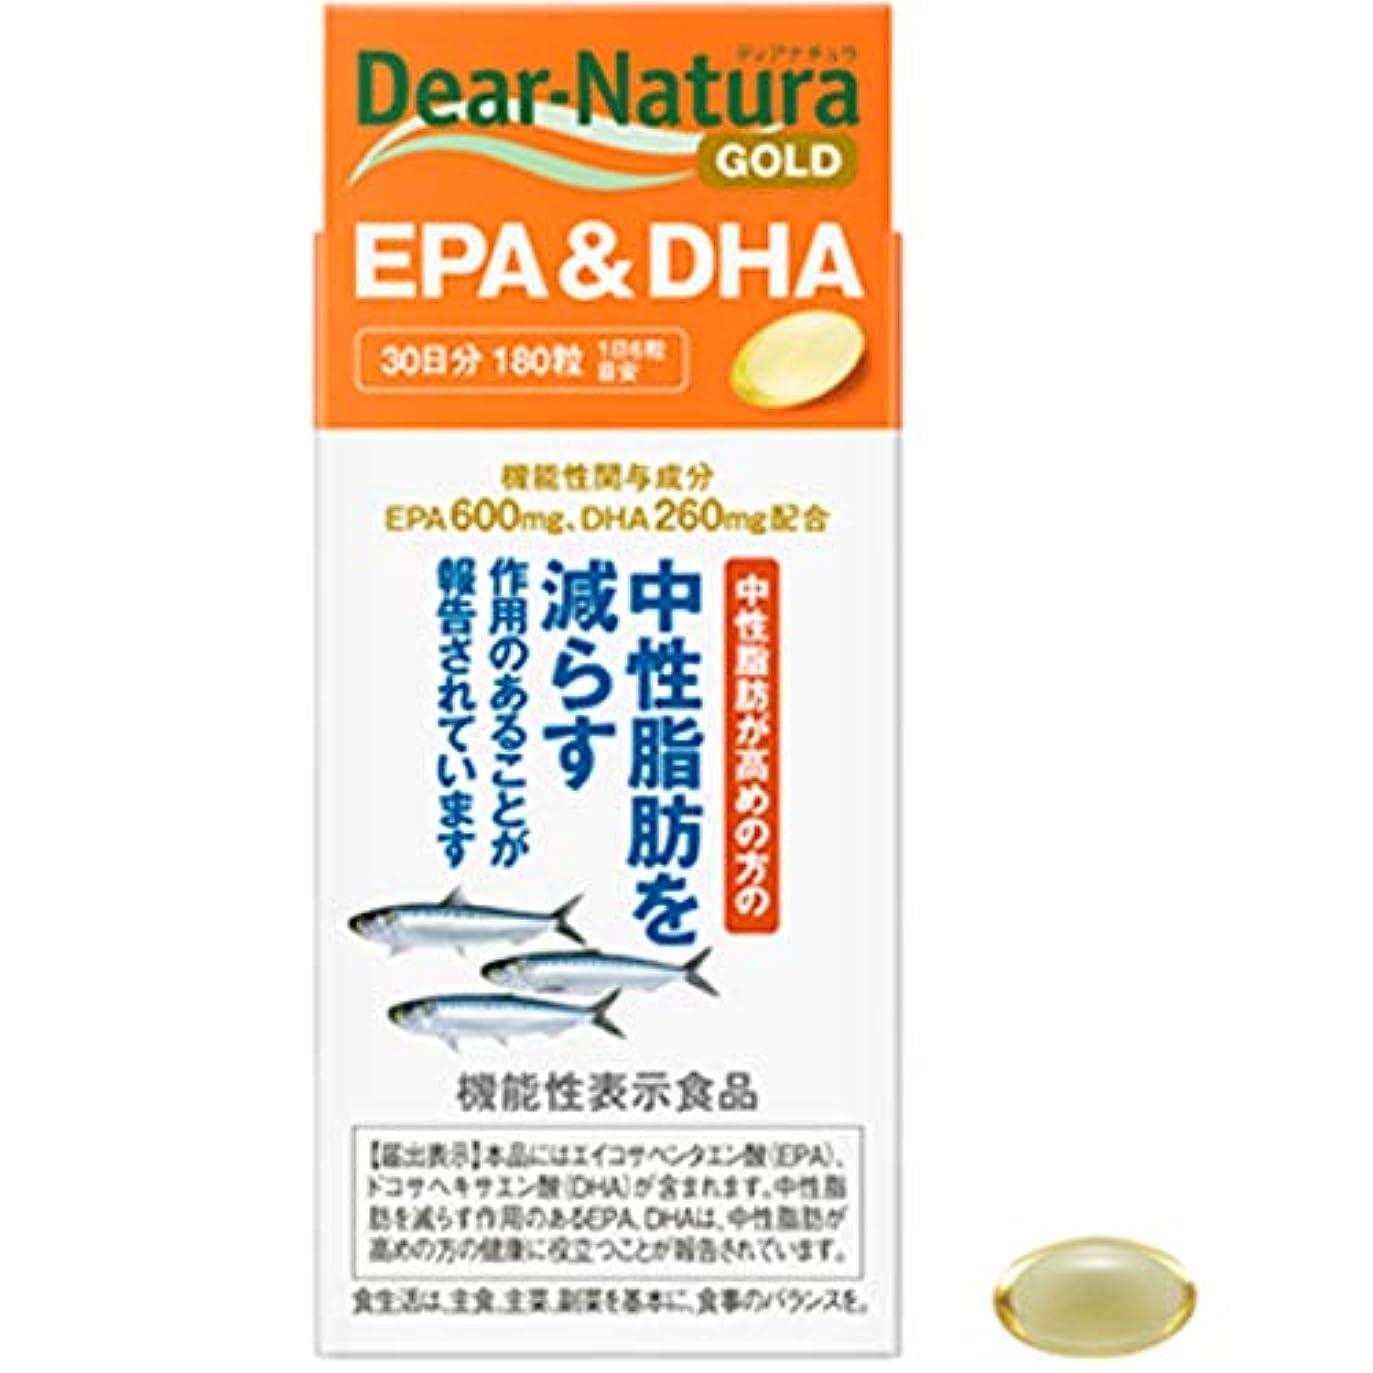 オート上下するコイルディアナチュラゴールド EPA&DHA 30日分 180粒入×5個セット